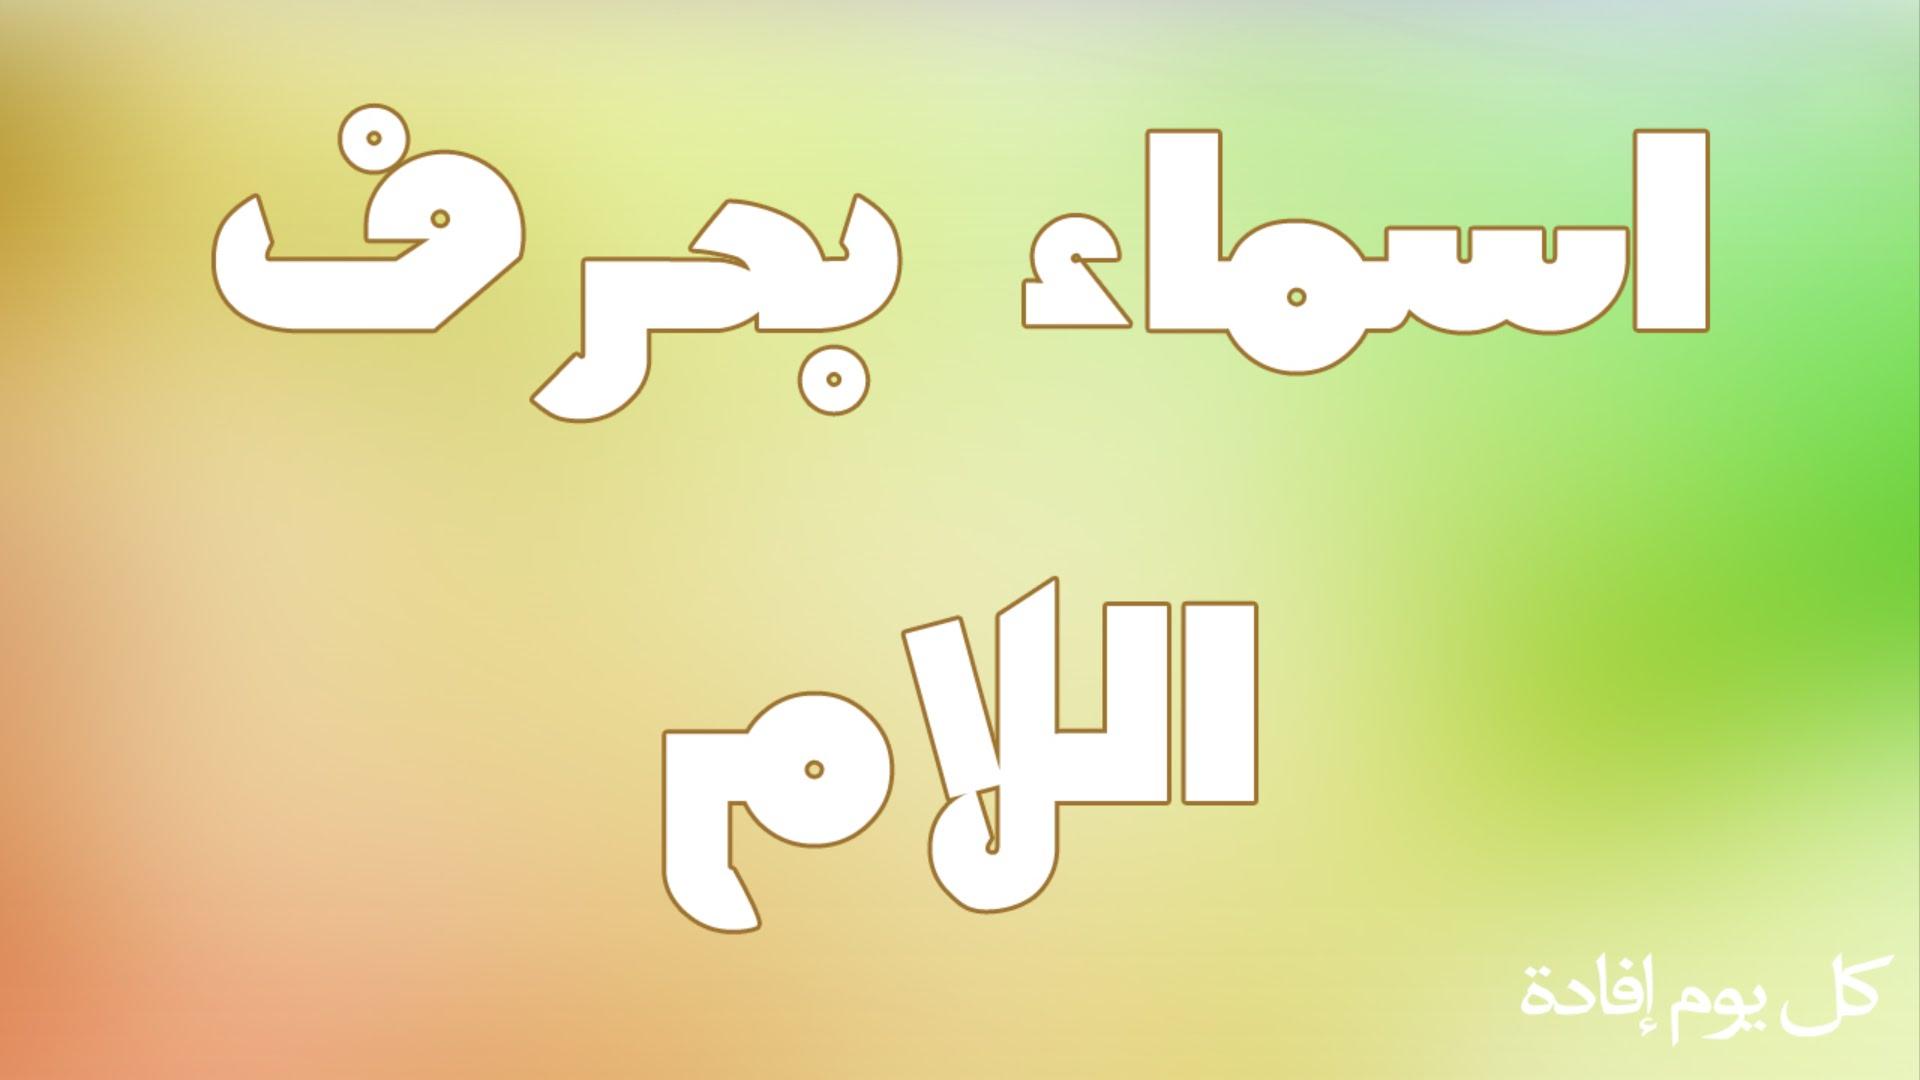 اسماء بنات 2019 بحرف الراء جديدة الخبر الأول